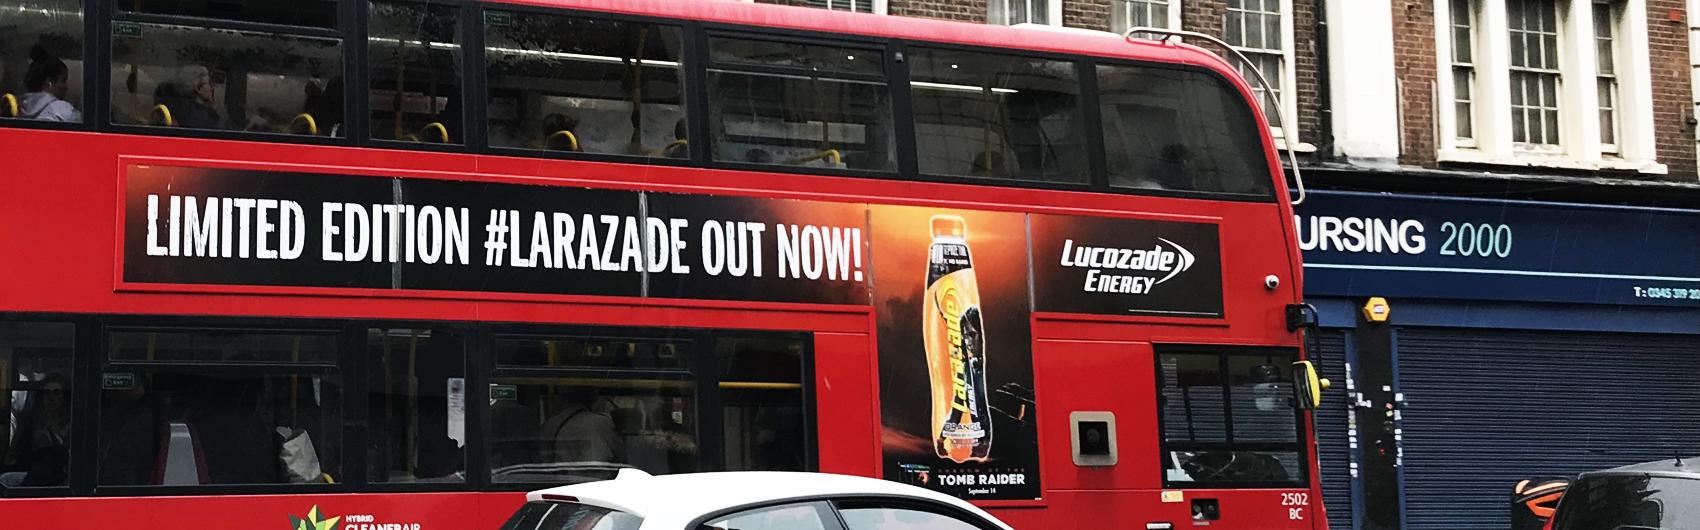 Square-Enix-Larazade-bus